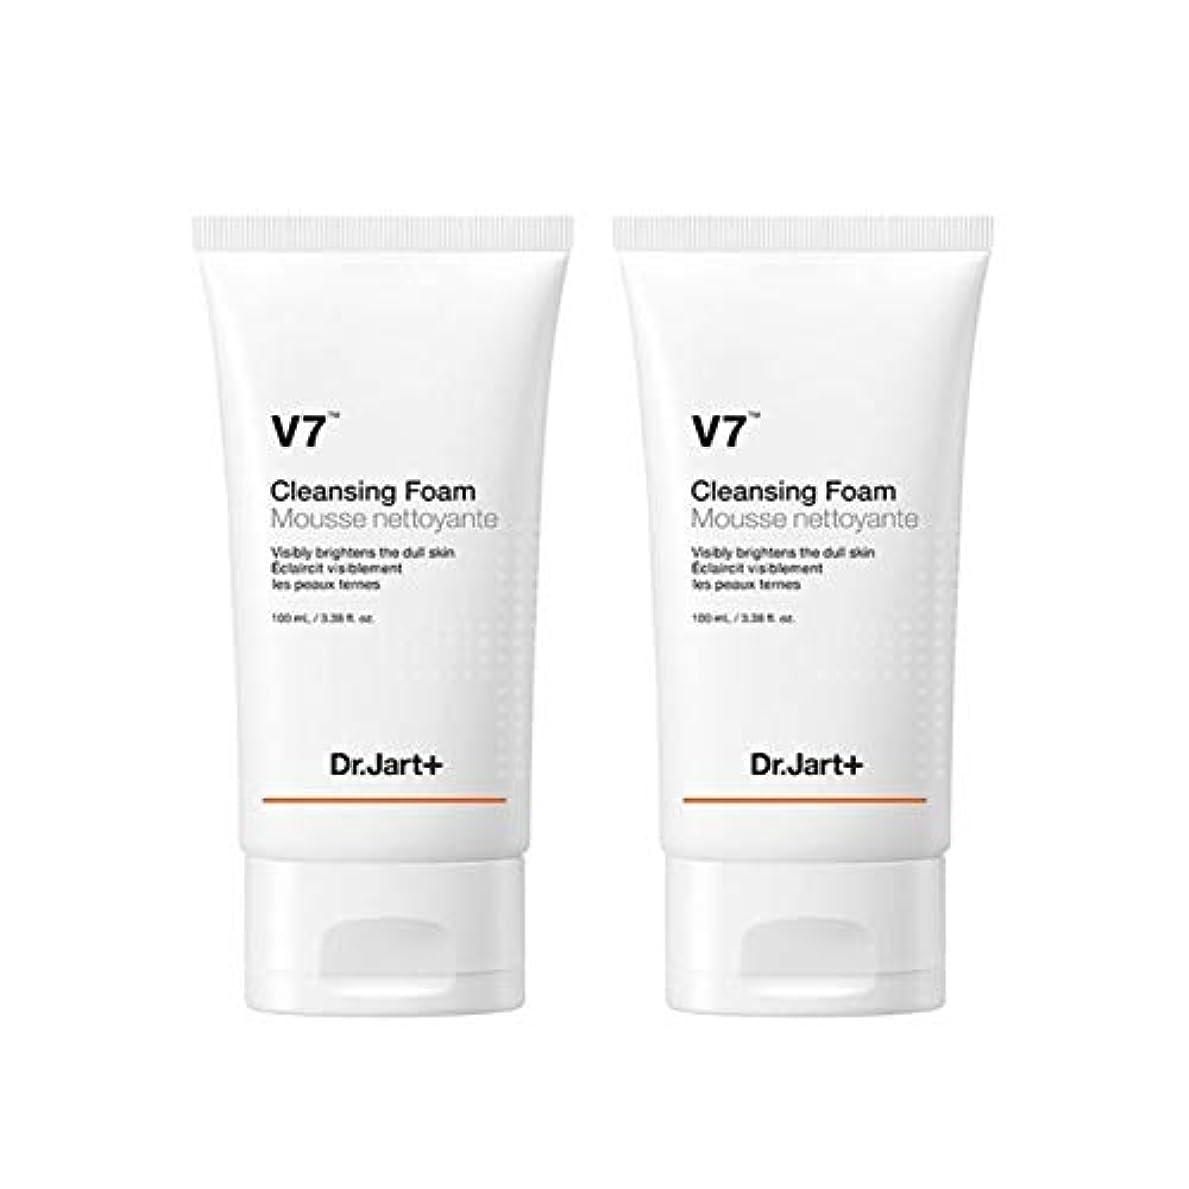 ファンシー収容する葡萄ドクタージャルトゥV7クレンジングフォーム100mlx2本セット韓国コスメ、Dr.Jart V7 Cleansing Foam 100ml x 2ea Set Korean Cosmetics [並行輸入品]